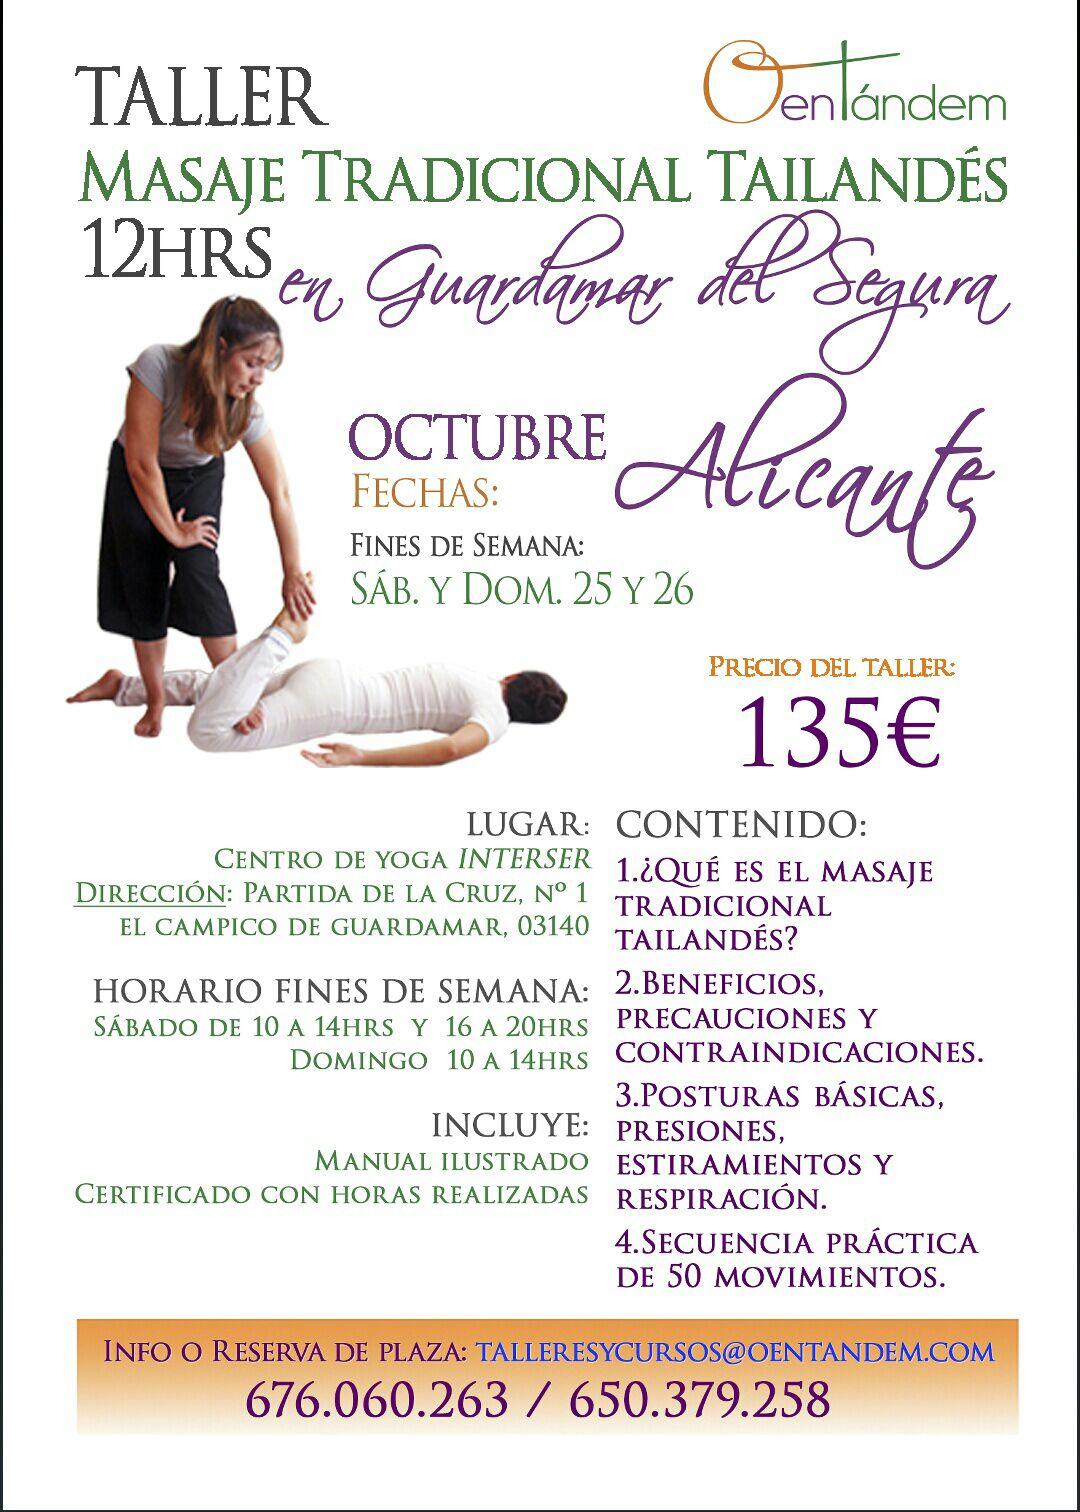 Servicios de masaje relajante erotico y nuru masaje - 1 7